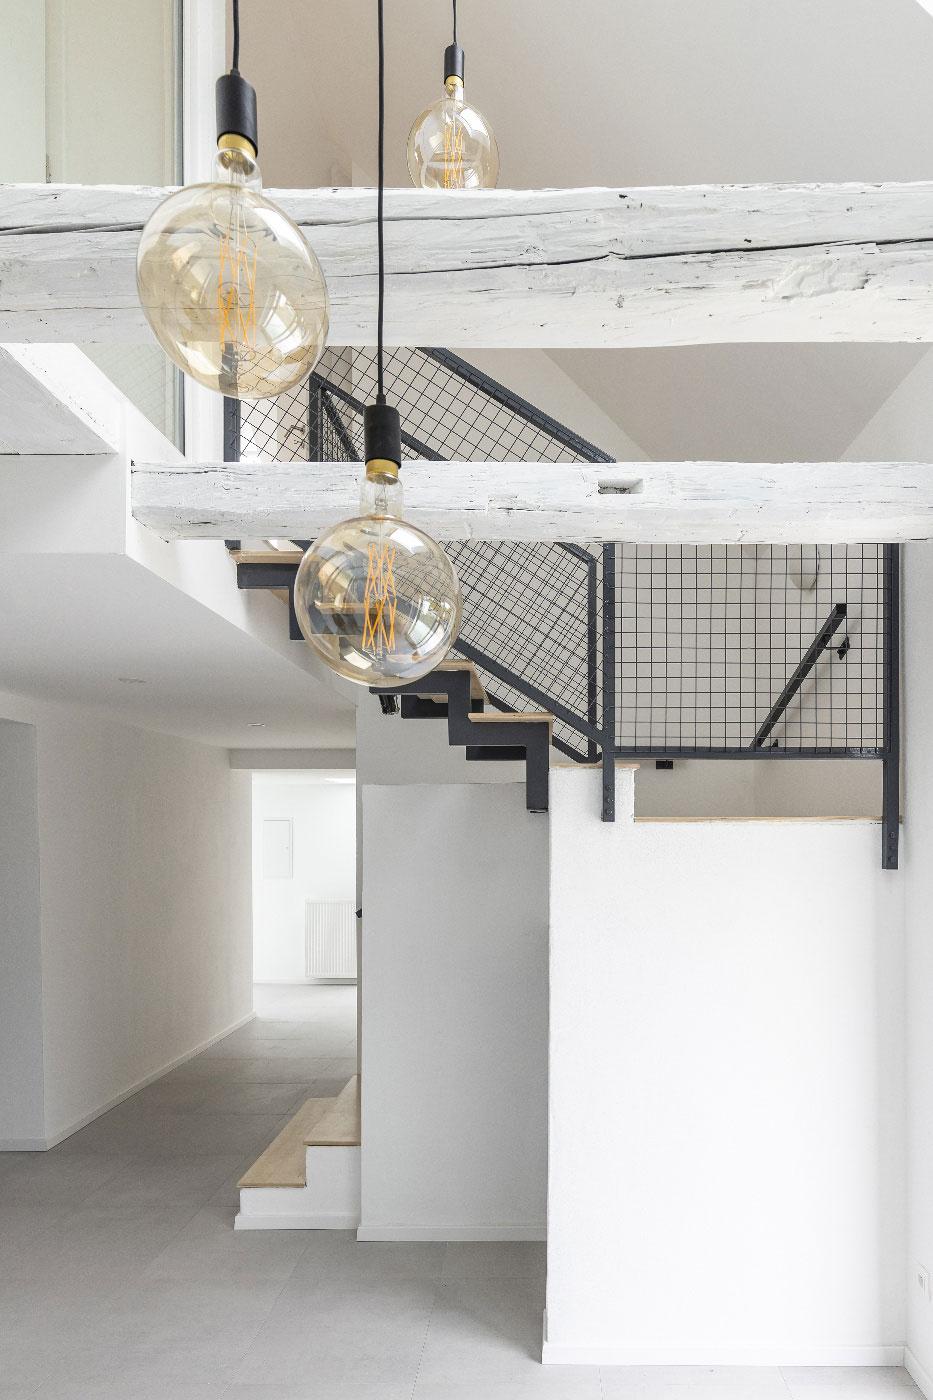 Otevřená schodišťová šachta zajistí dostupnost denního světla a přirozené větrání pomocí komínového efektu.